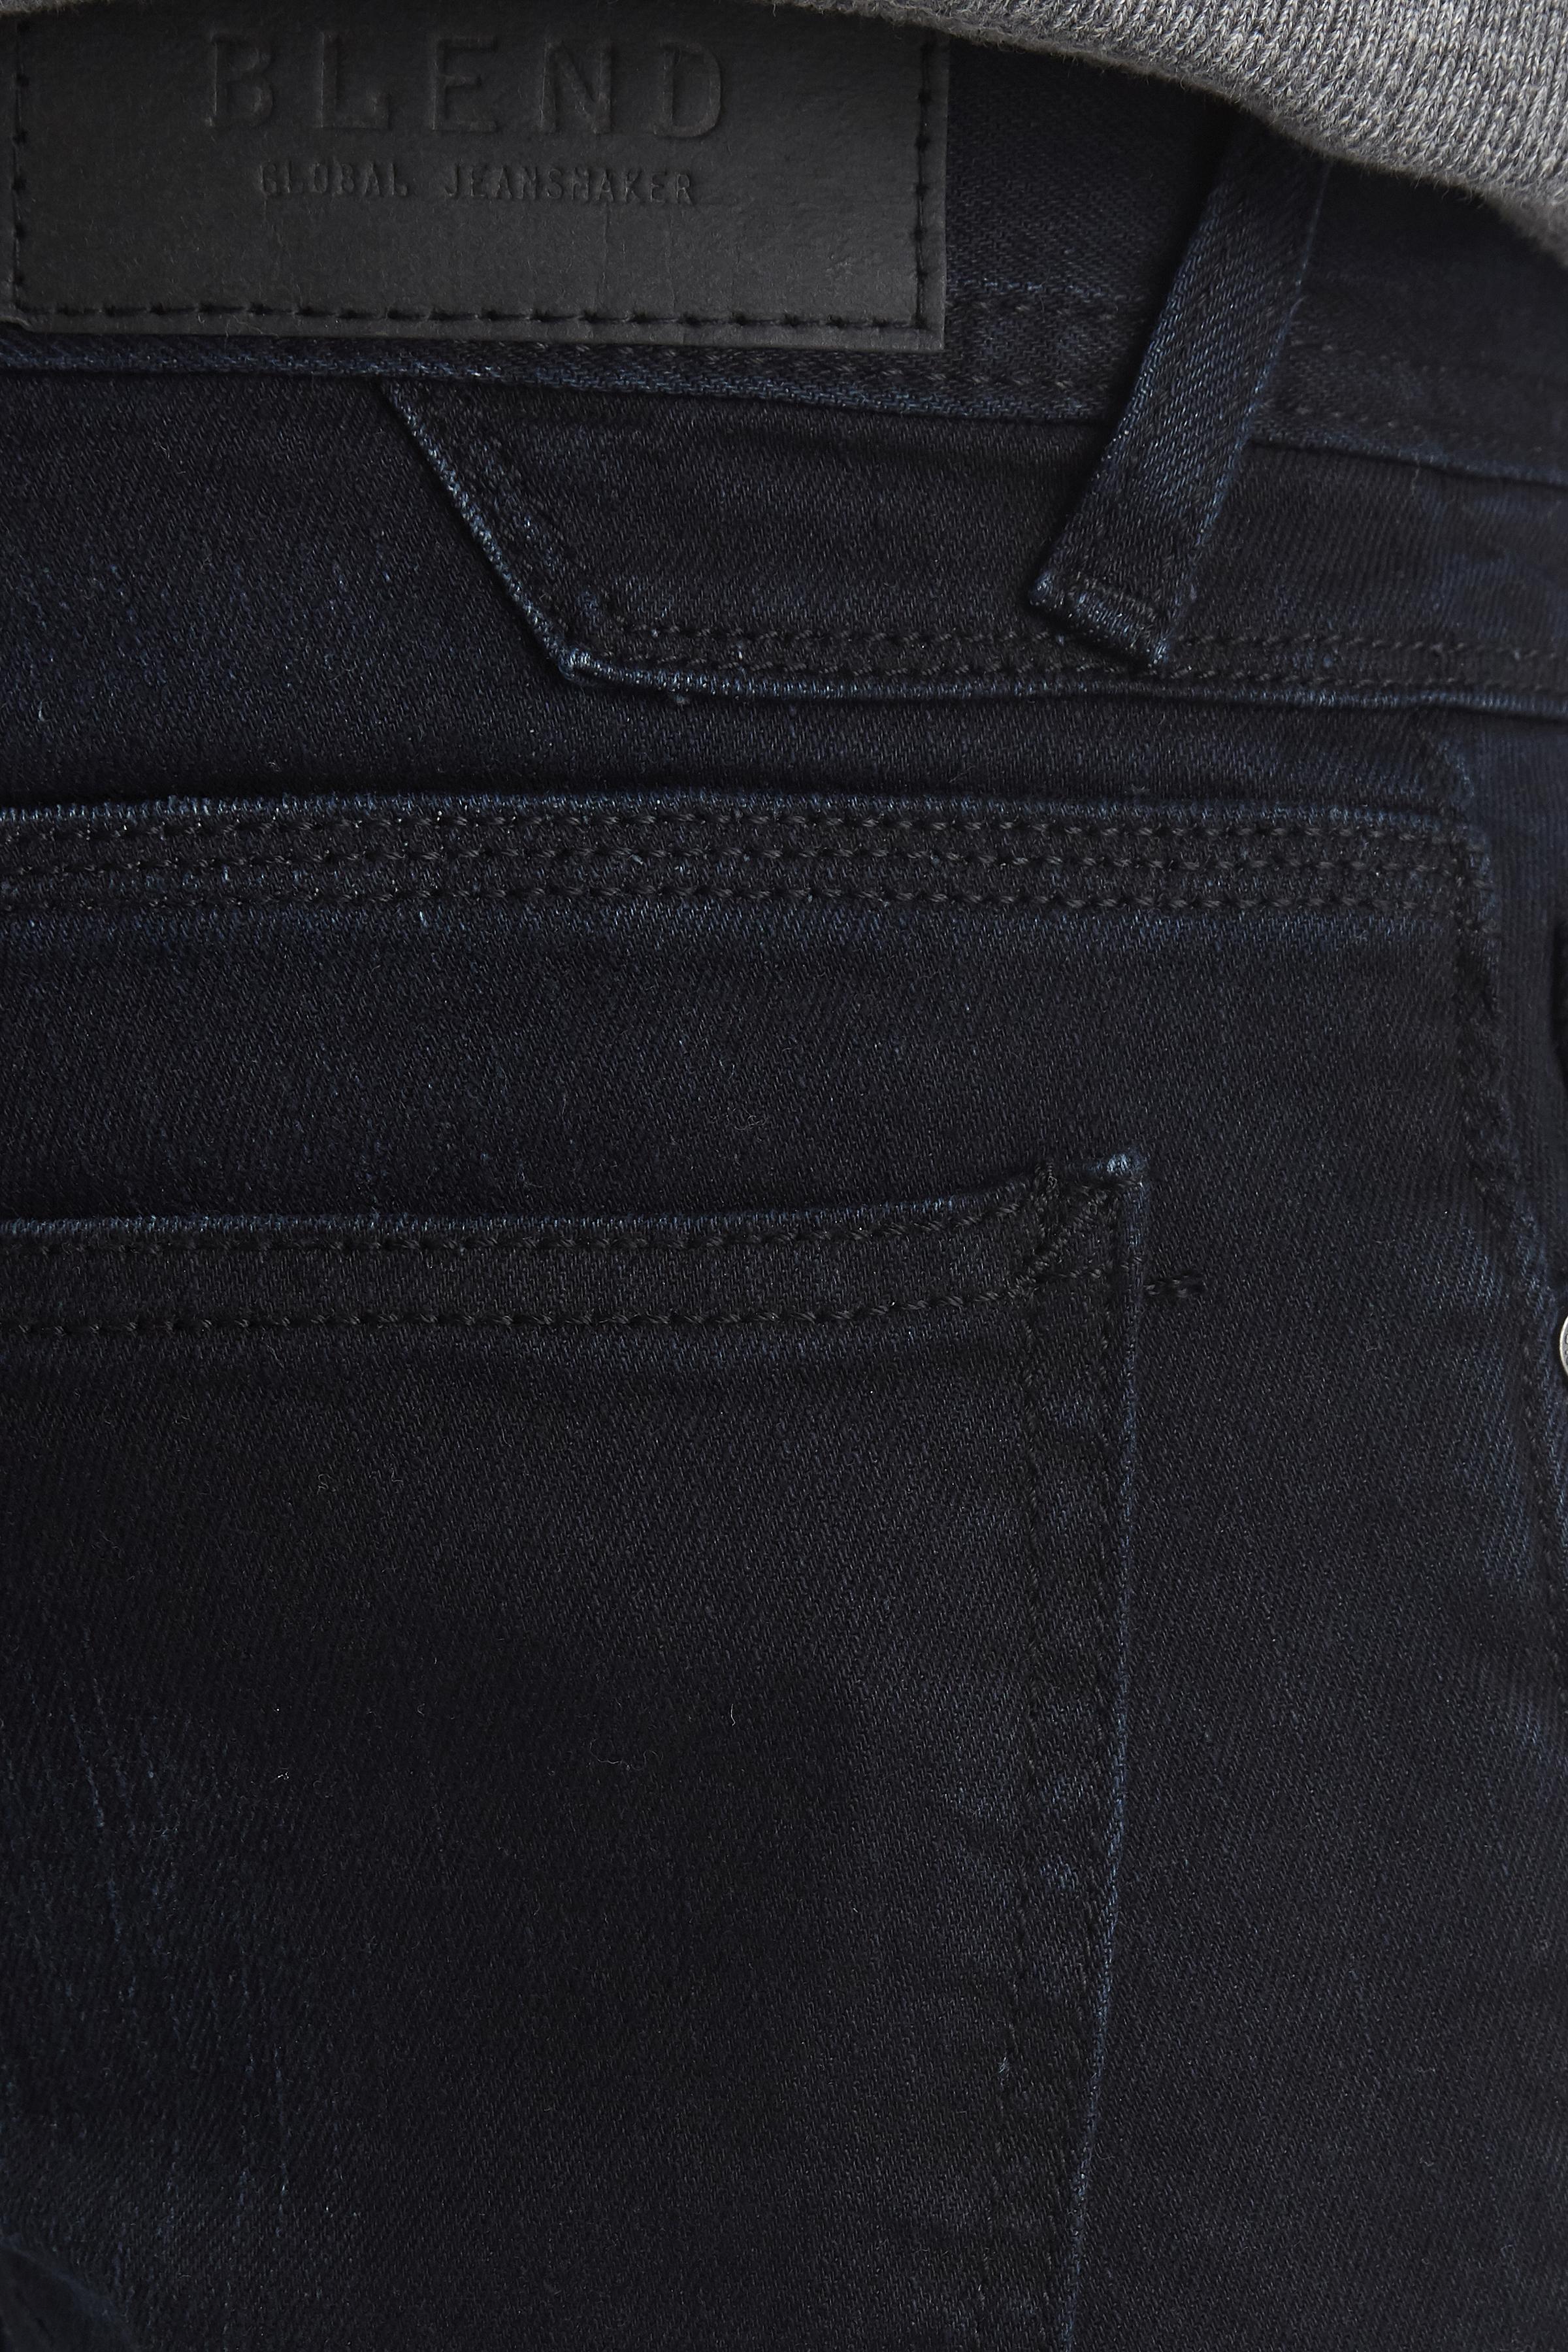 Schwarz Jeans von Blend He – Shoppen Sie Schwarz Jeans ab Gr. 28-38 hier